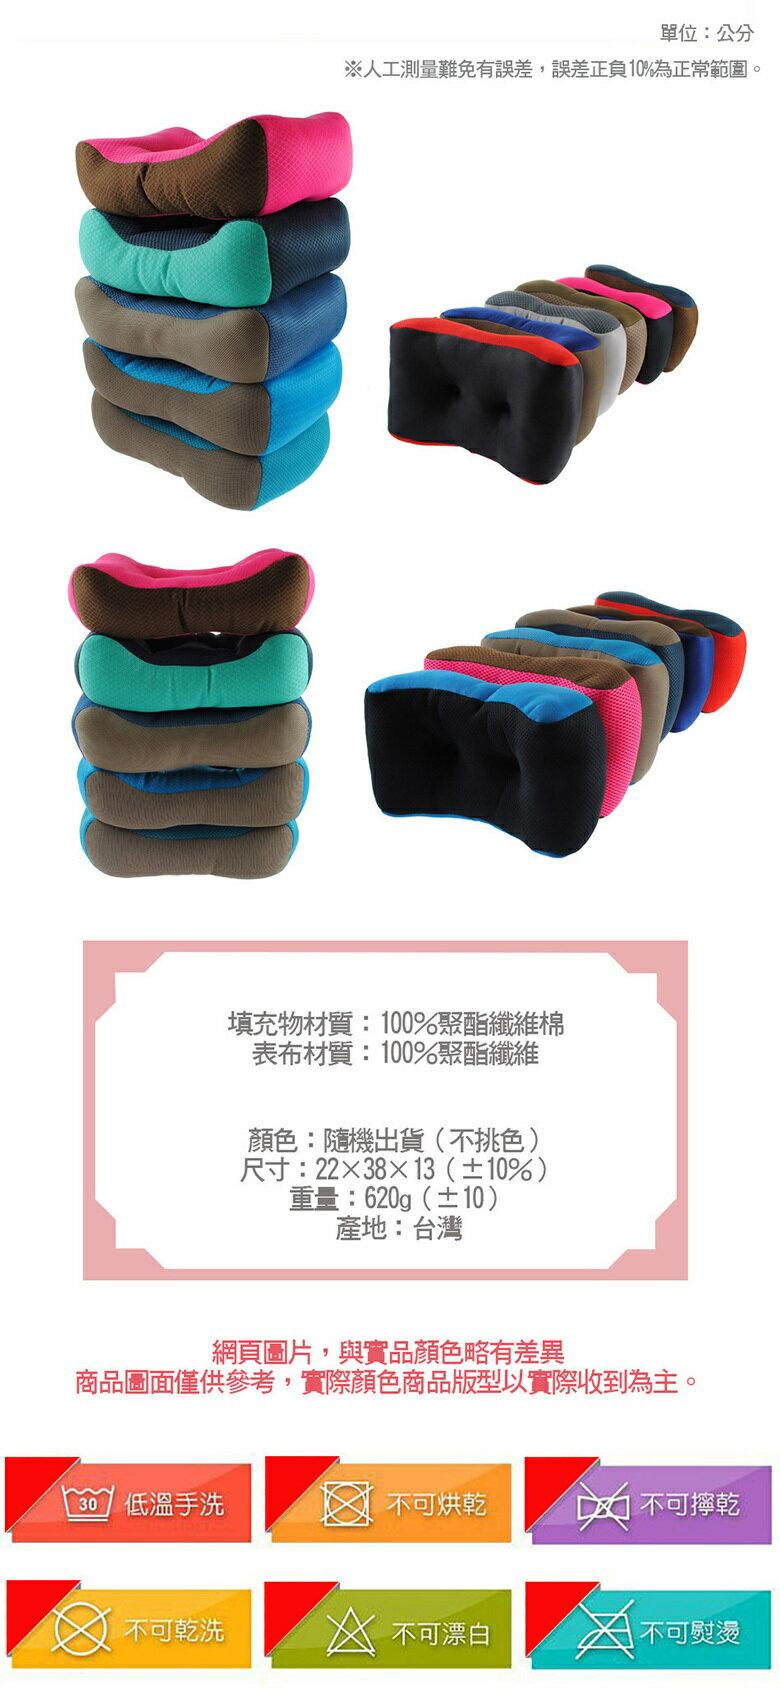 透氣多功能靠枕-顏色隨機出貨(42X24X10cm(±5%)) [大買家] 6